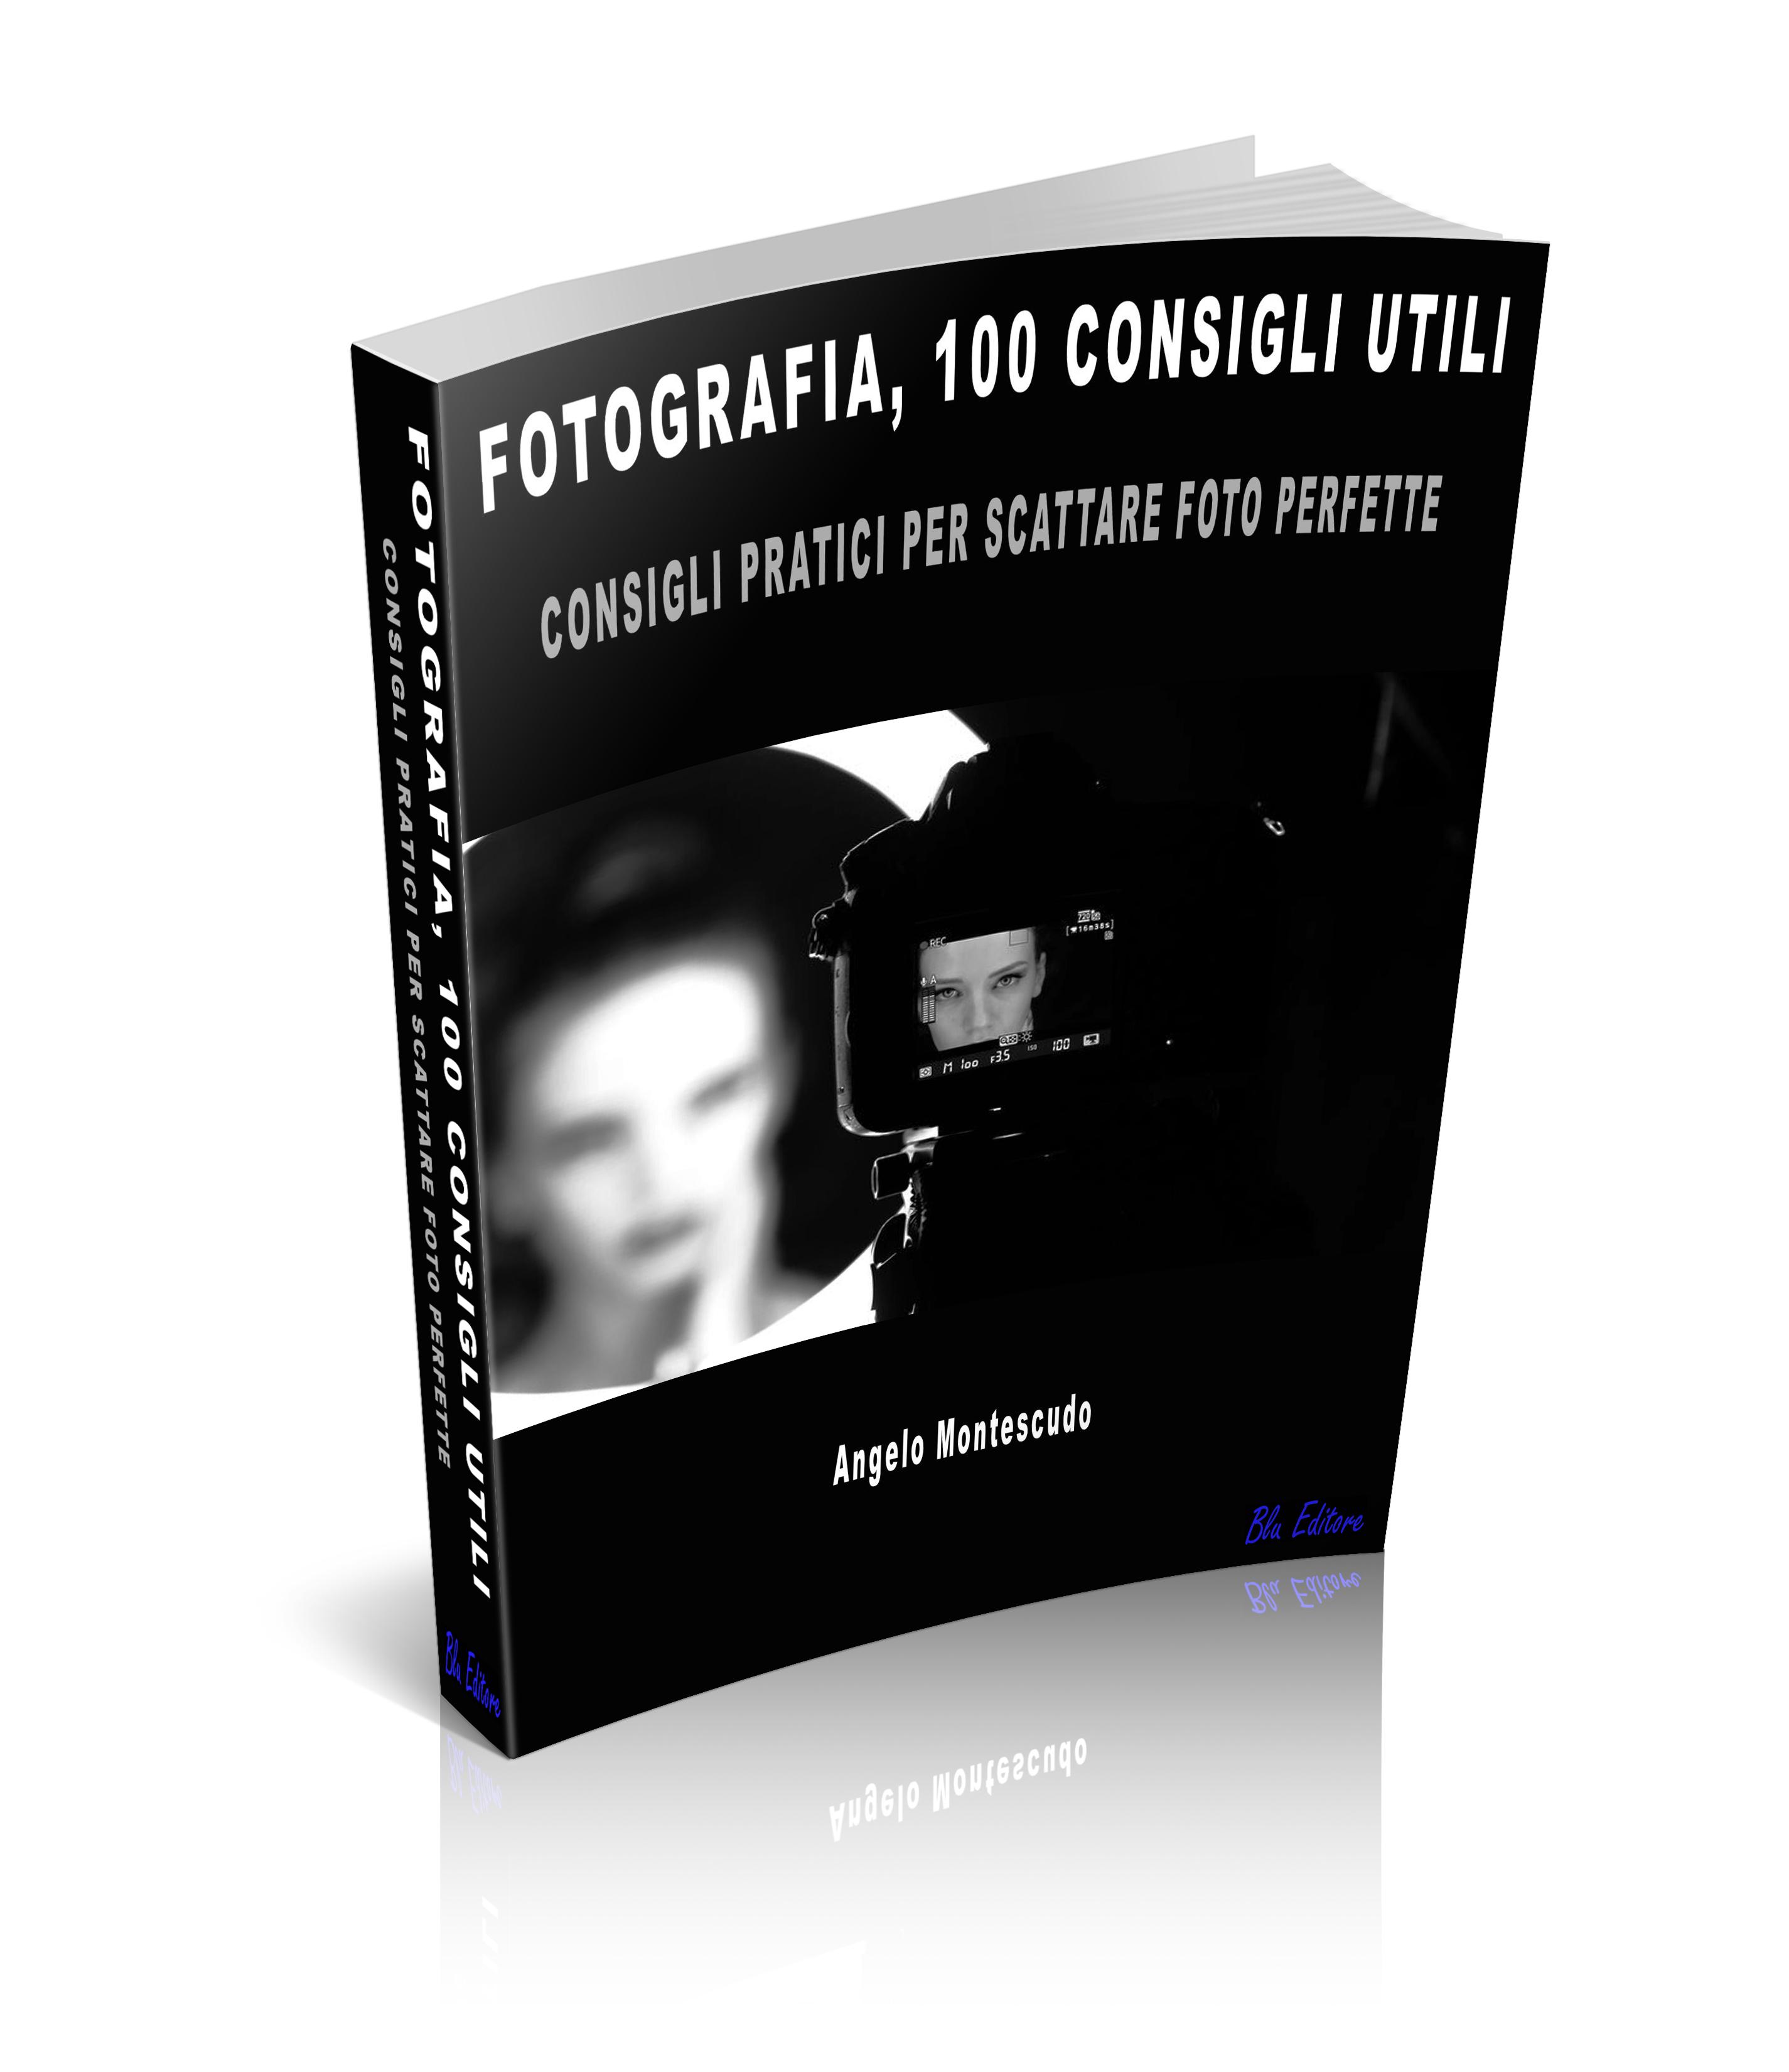 Fotografia – 100 Consigli Utili